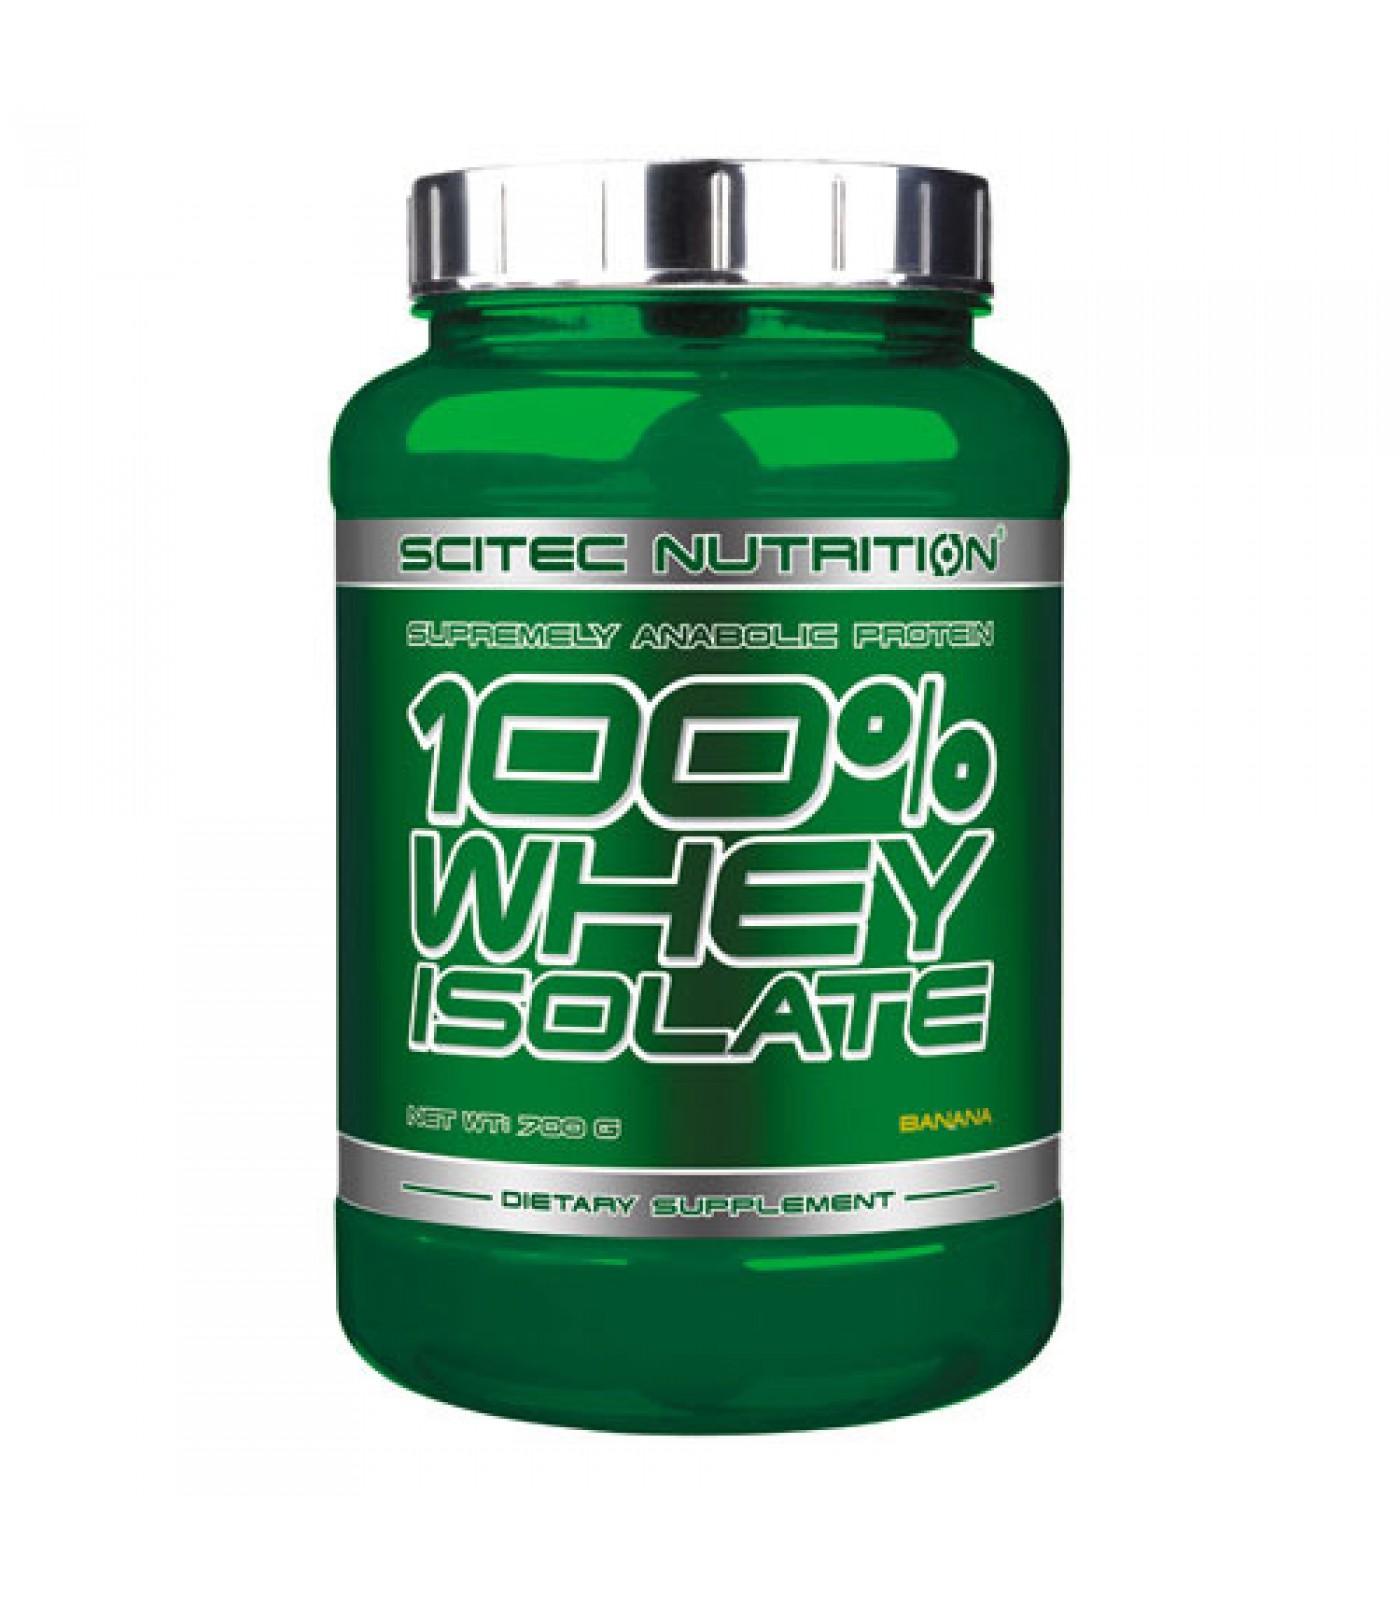 Scitec - 100% Whey Isolate / 700 gr.